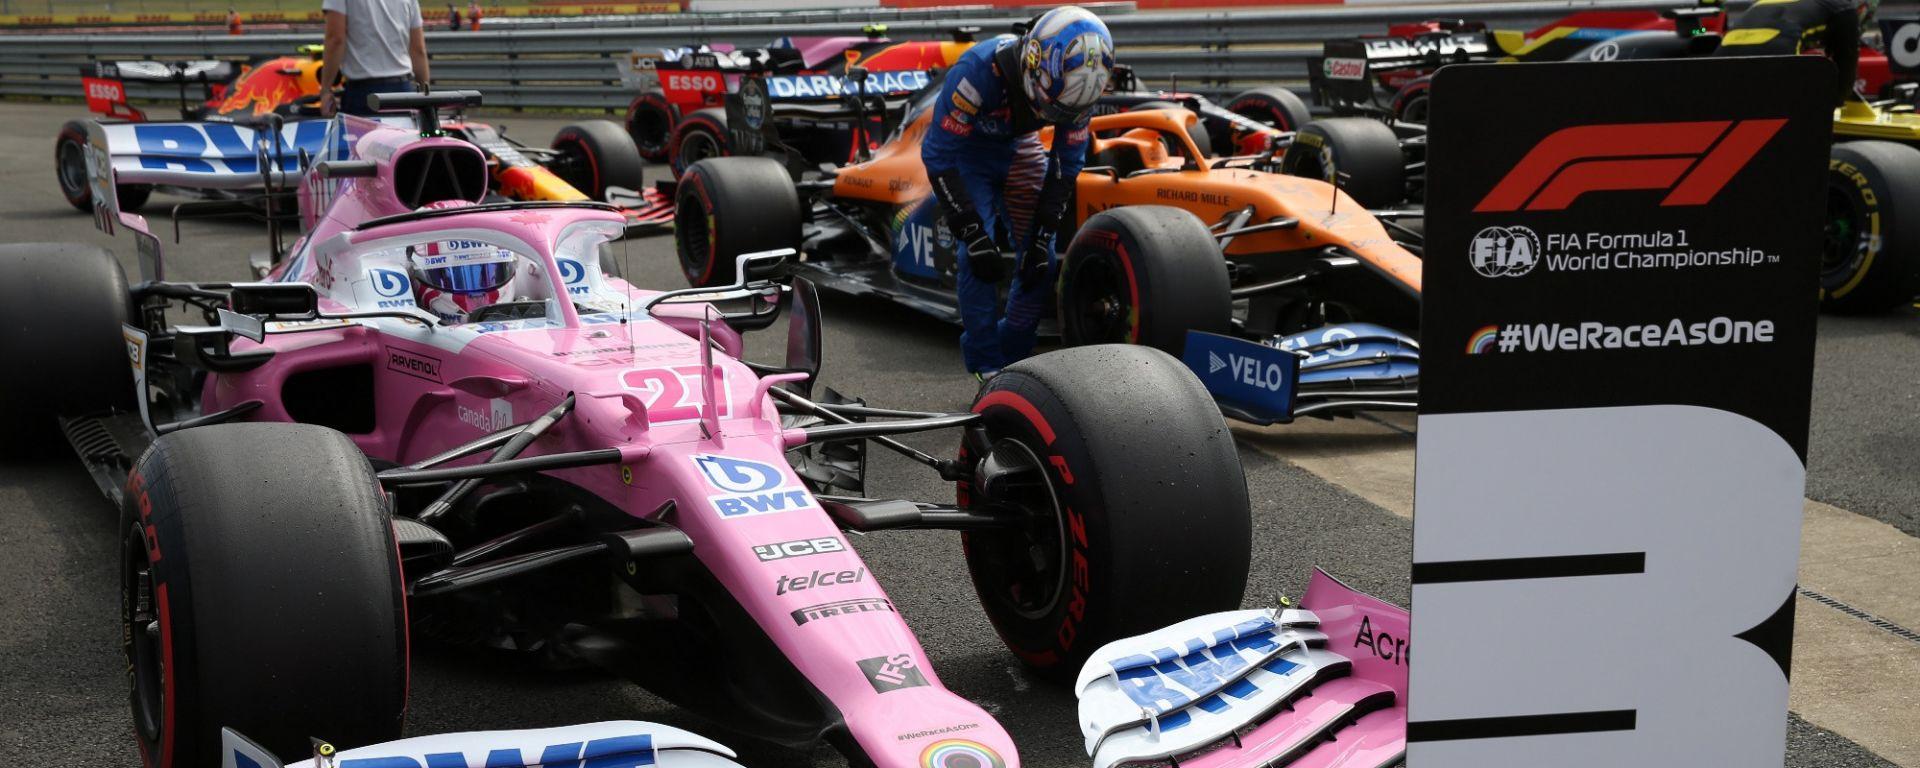 GP 70° Anniversario, Silverstone: Nico Hulkenberg parcheggia la Racing Point dopo le qualifiche